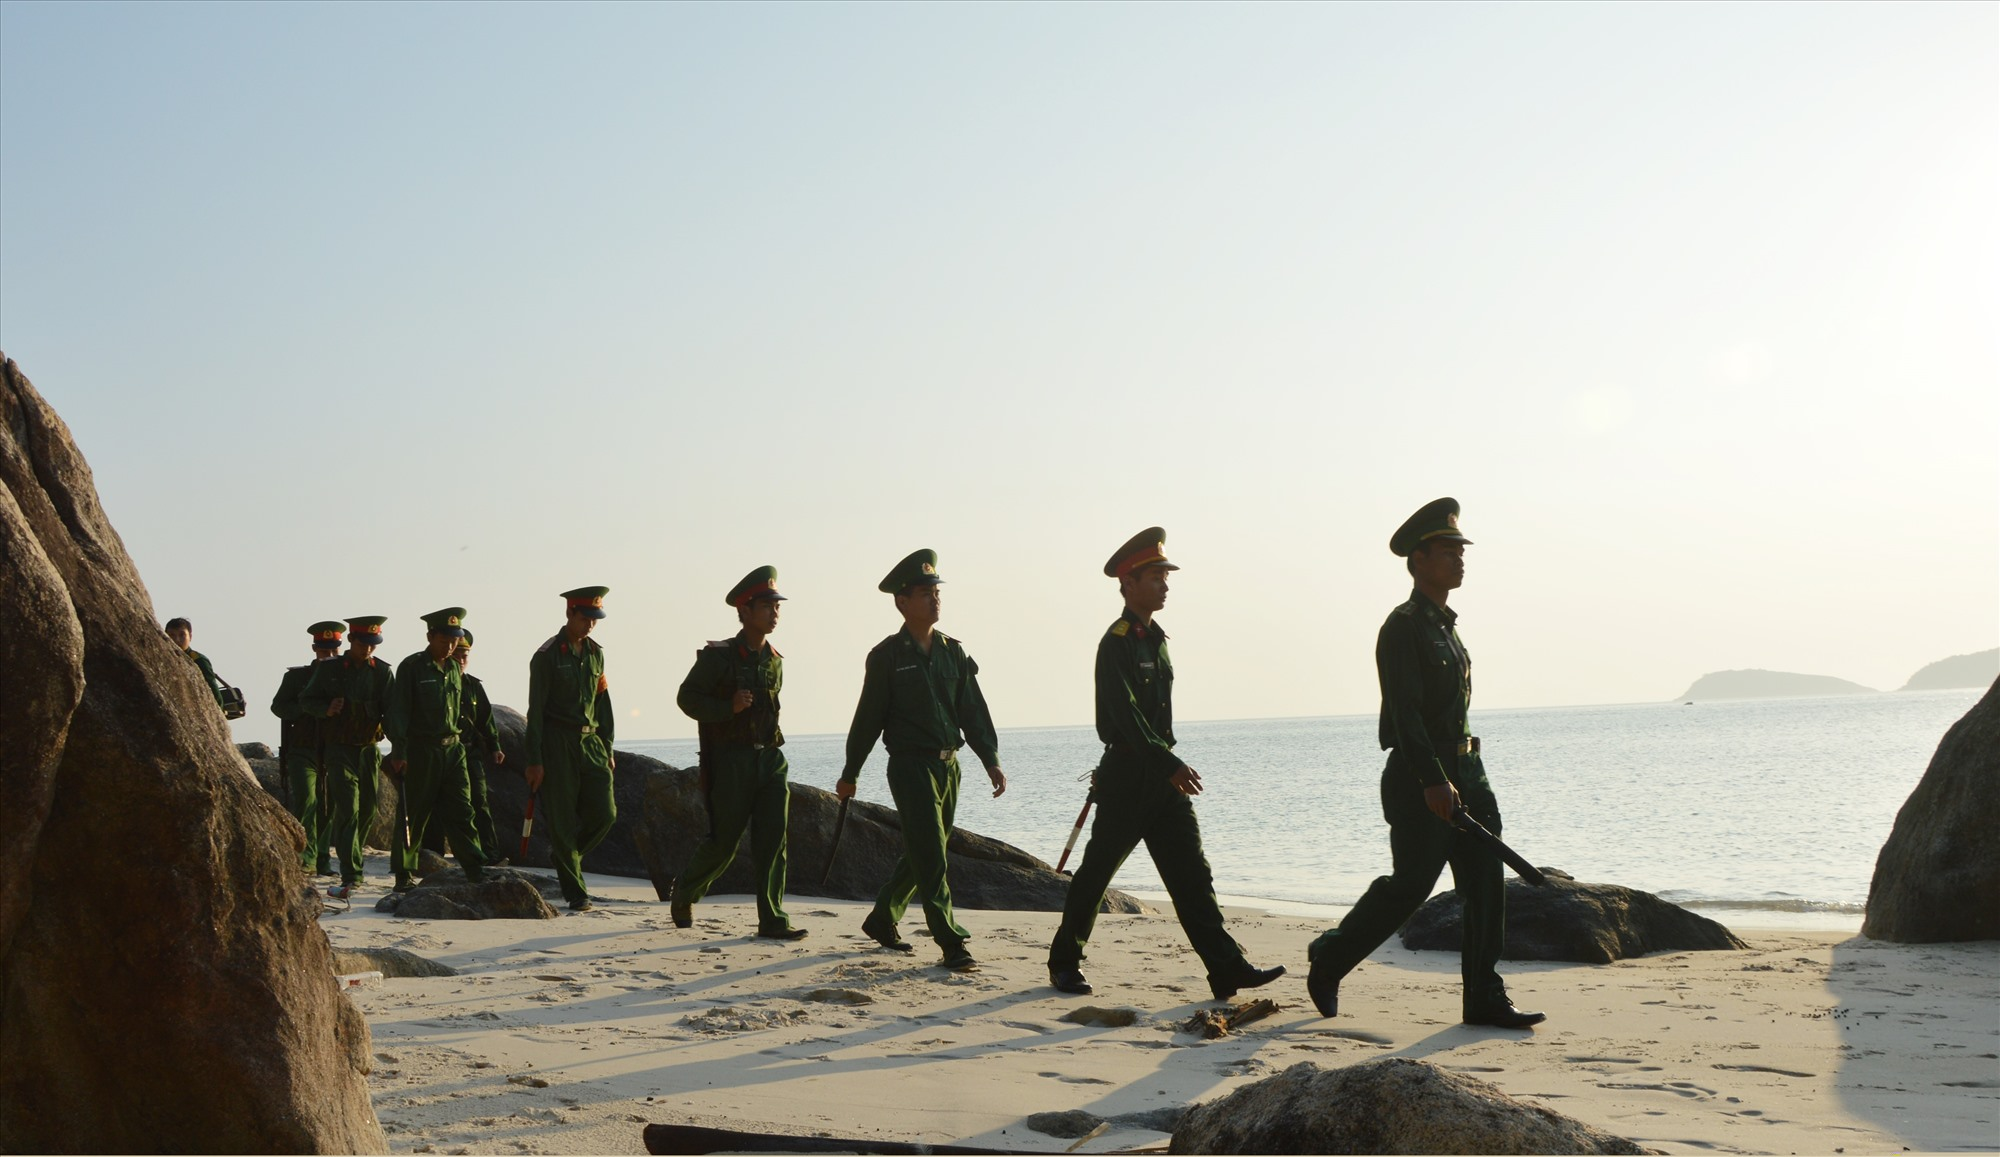 Tiểu đoàn 70 tuần tra trên Cù Lao Chàm.Ảnh: N.D